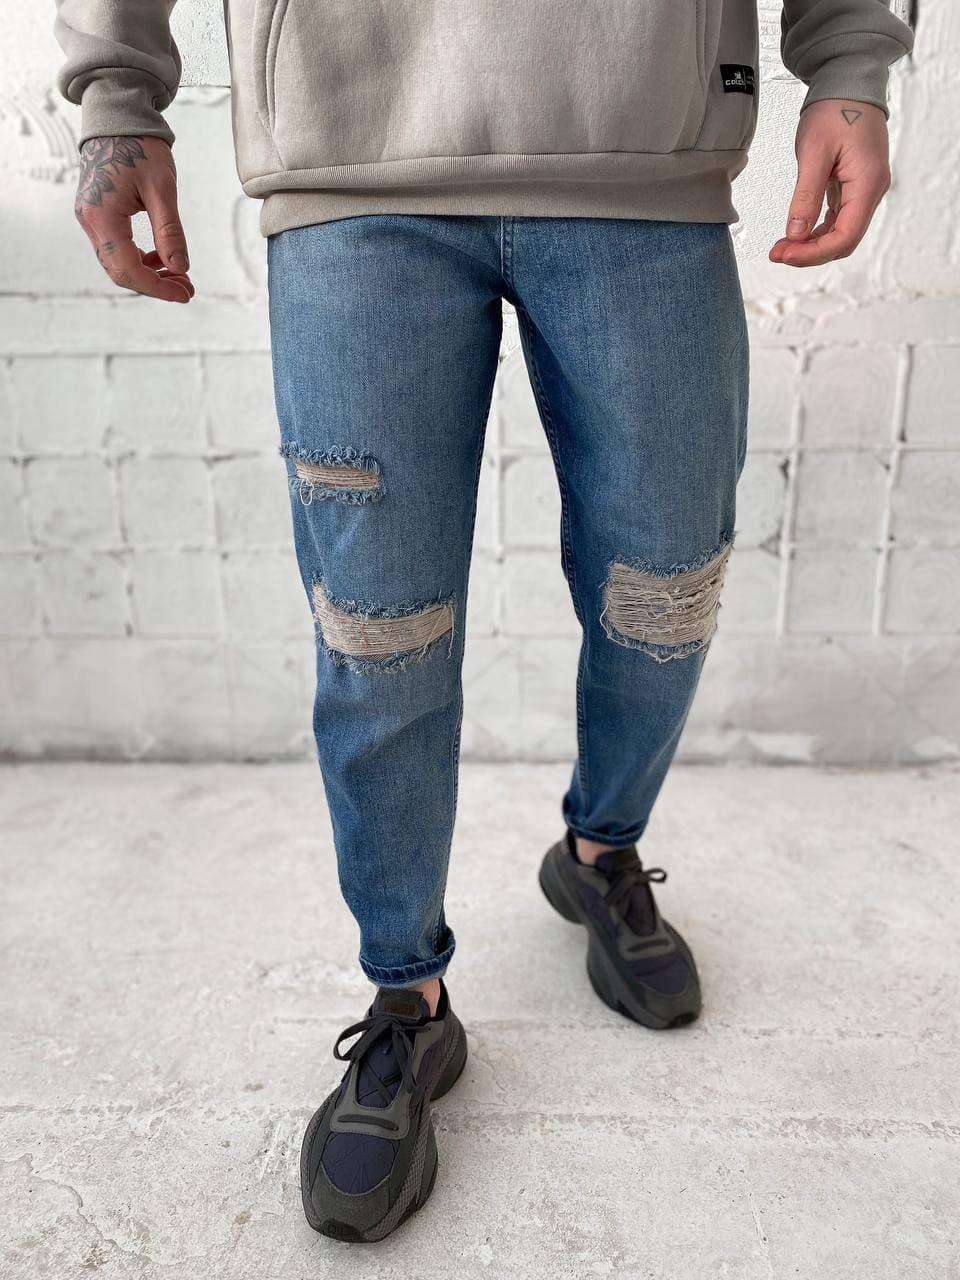 😝 Джинси - широкі Чоловічі Джинси / чоловічі джинси голубі з якісного котону